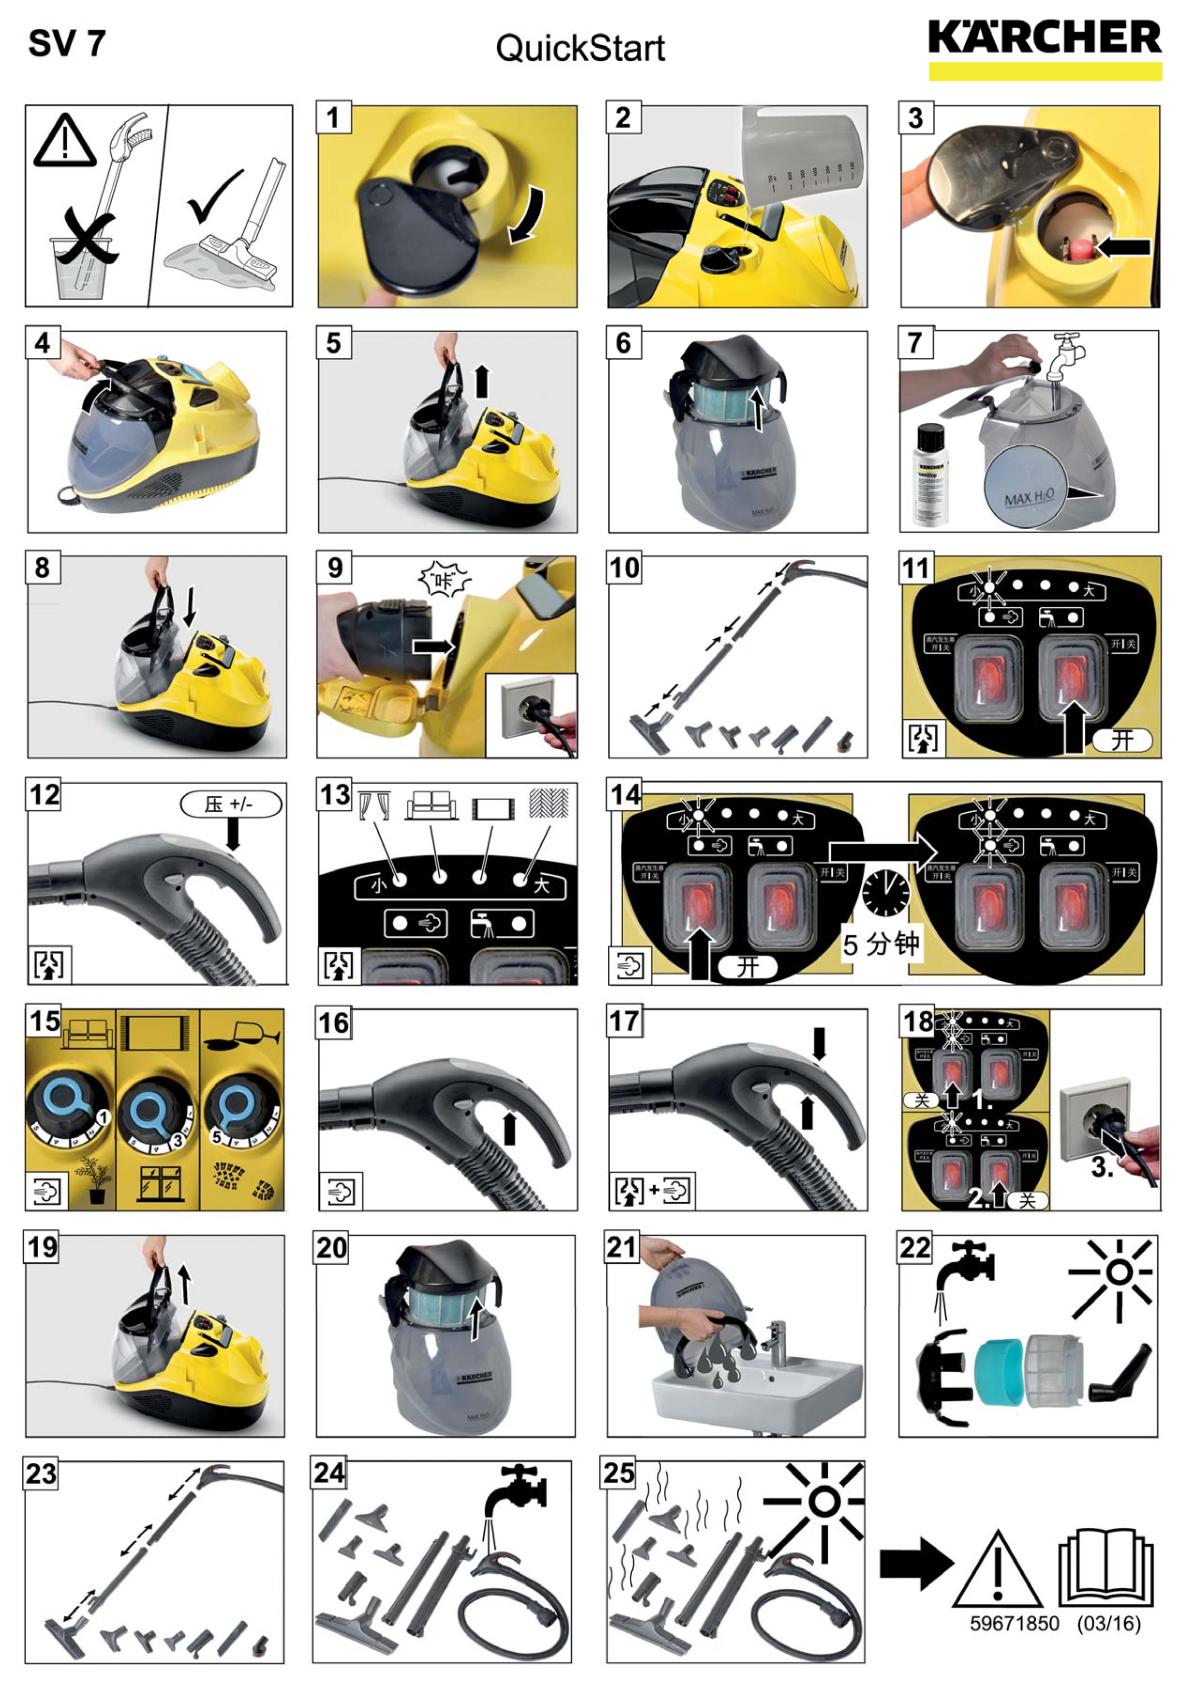 蒸汽吸尘器 SV 7说明书下载